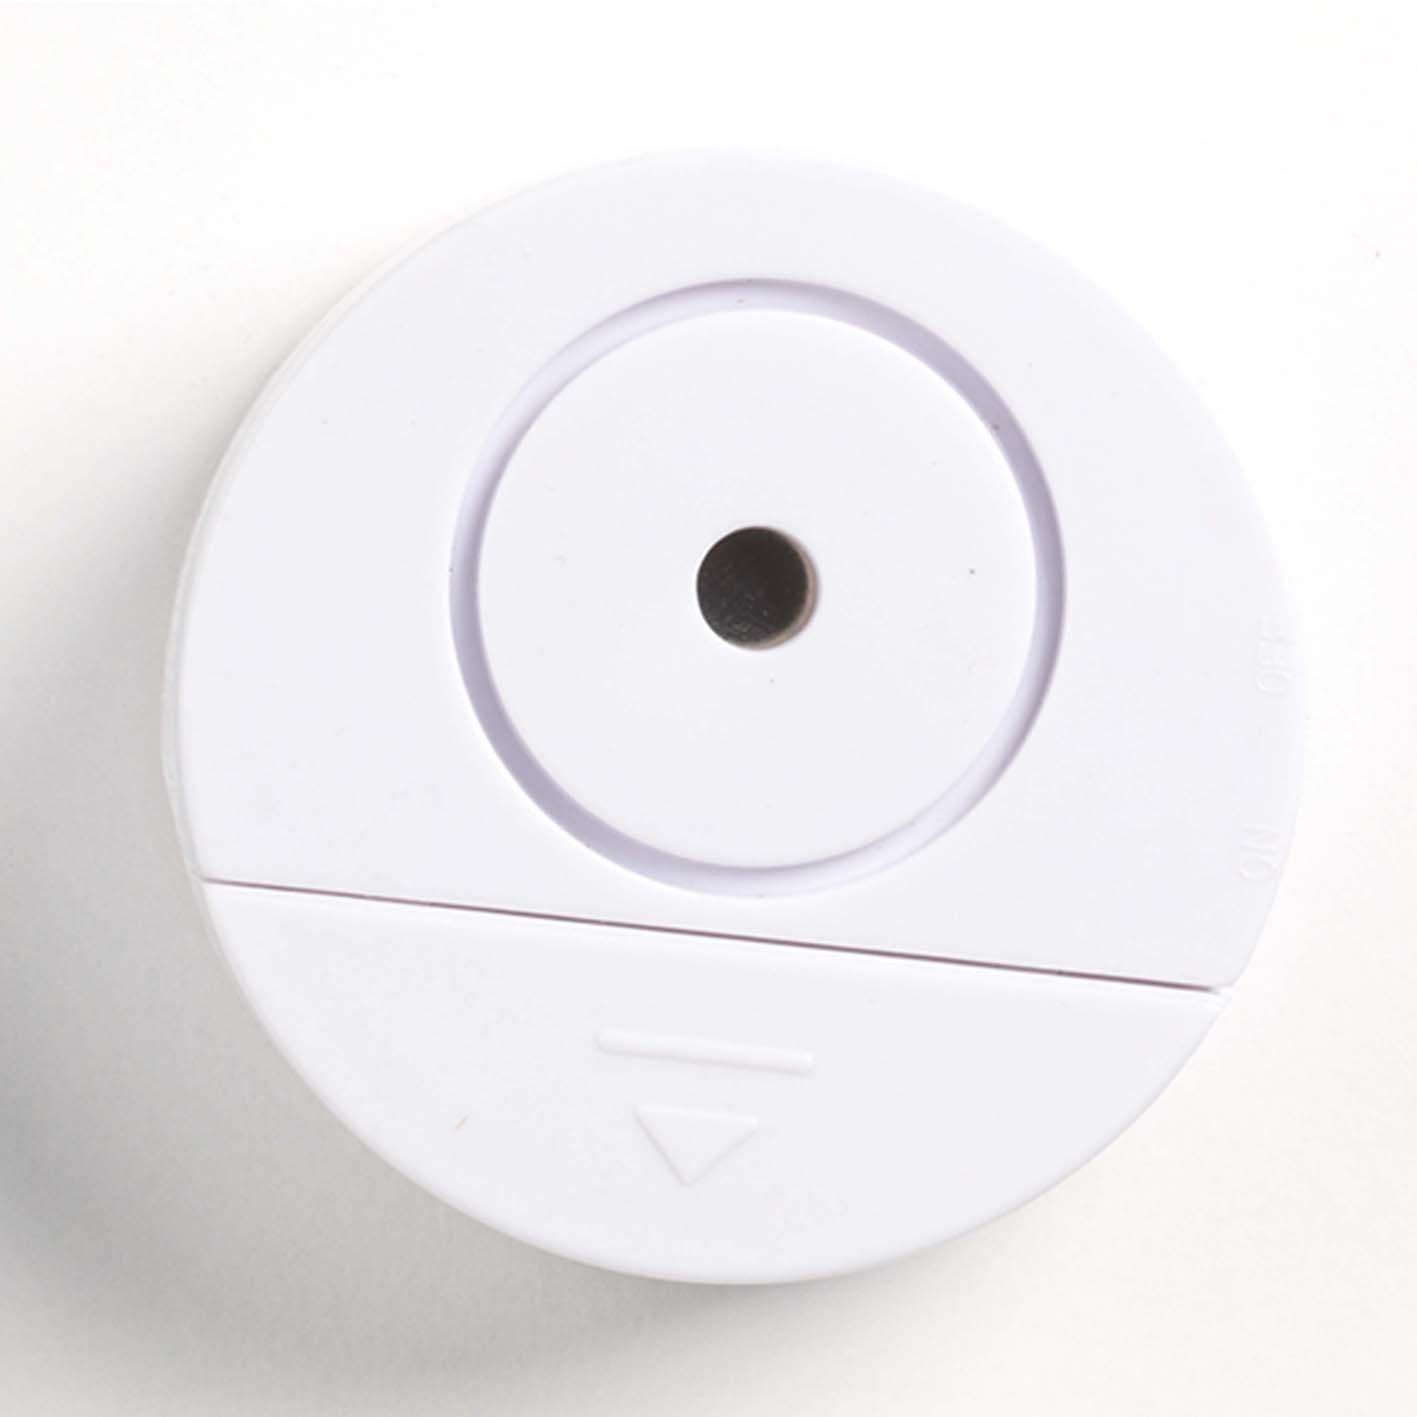 easymaxx 00310 Security Alarma Cristal Rotura, Juego de 2, Sensor de sacudidas, para Puertas y Ventanas, Muy Subir Alarma, Inalámbrico, fácil instalación: ...